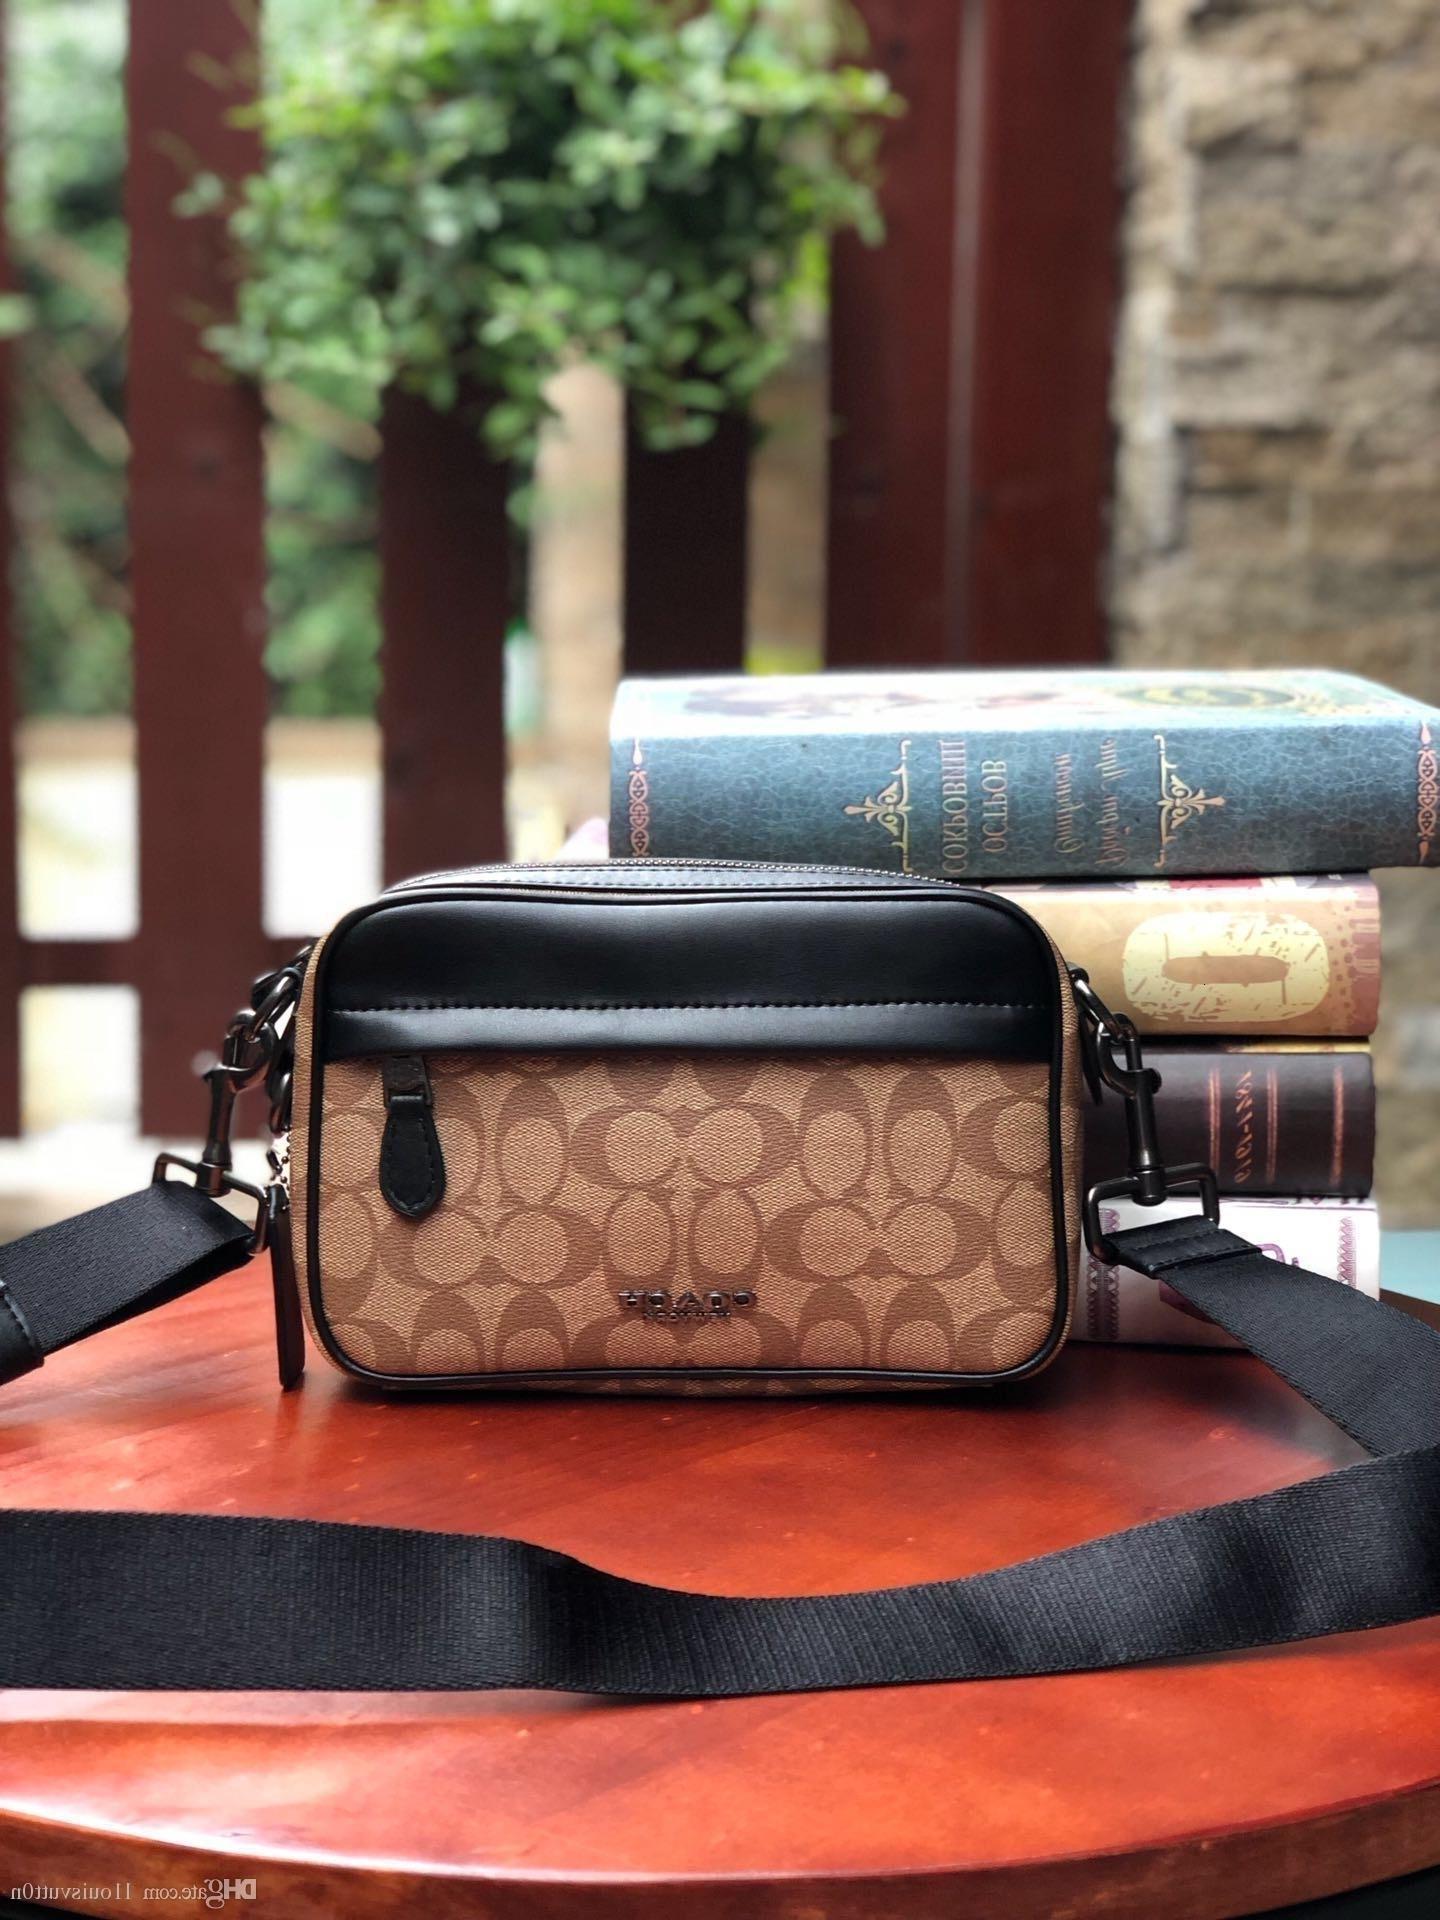 2019 Yeni L1ouisvutt0n M1k Pra1ra Çantalar Tek omuz çantası Kadın S Erkekler S Çanta Sırt Çantası Şık Klasik Çanta Deri Çanta M50715